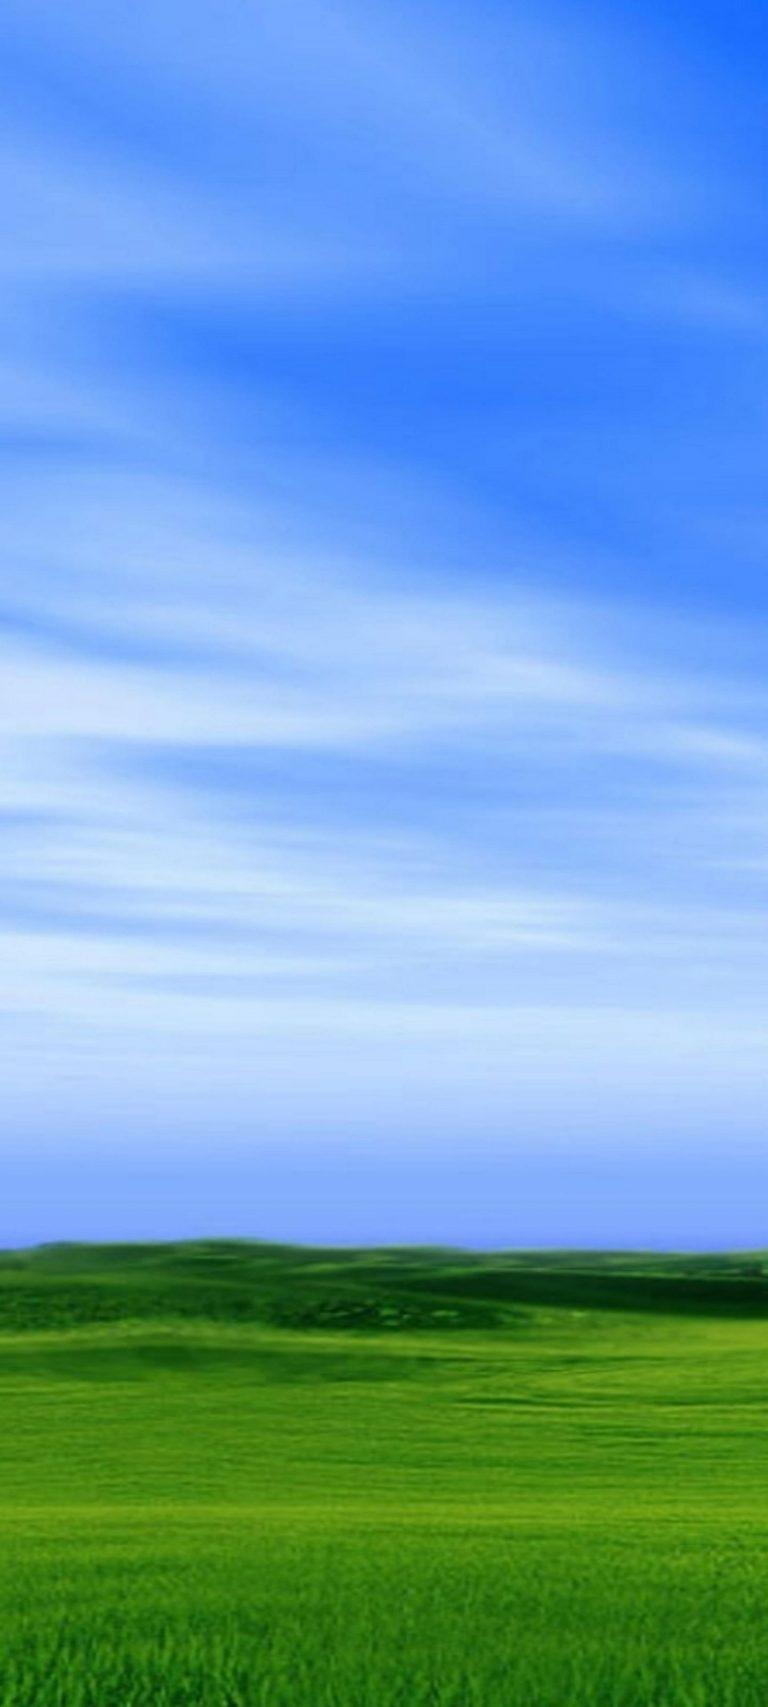 1440x3200 HD Wallpaper 16 768x1707 - 1440x3200 HD Wallpaper - 16